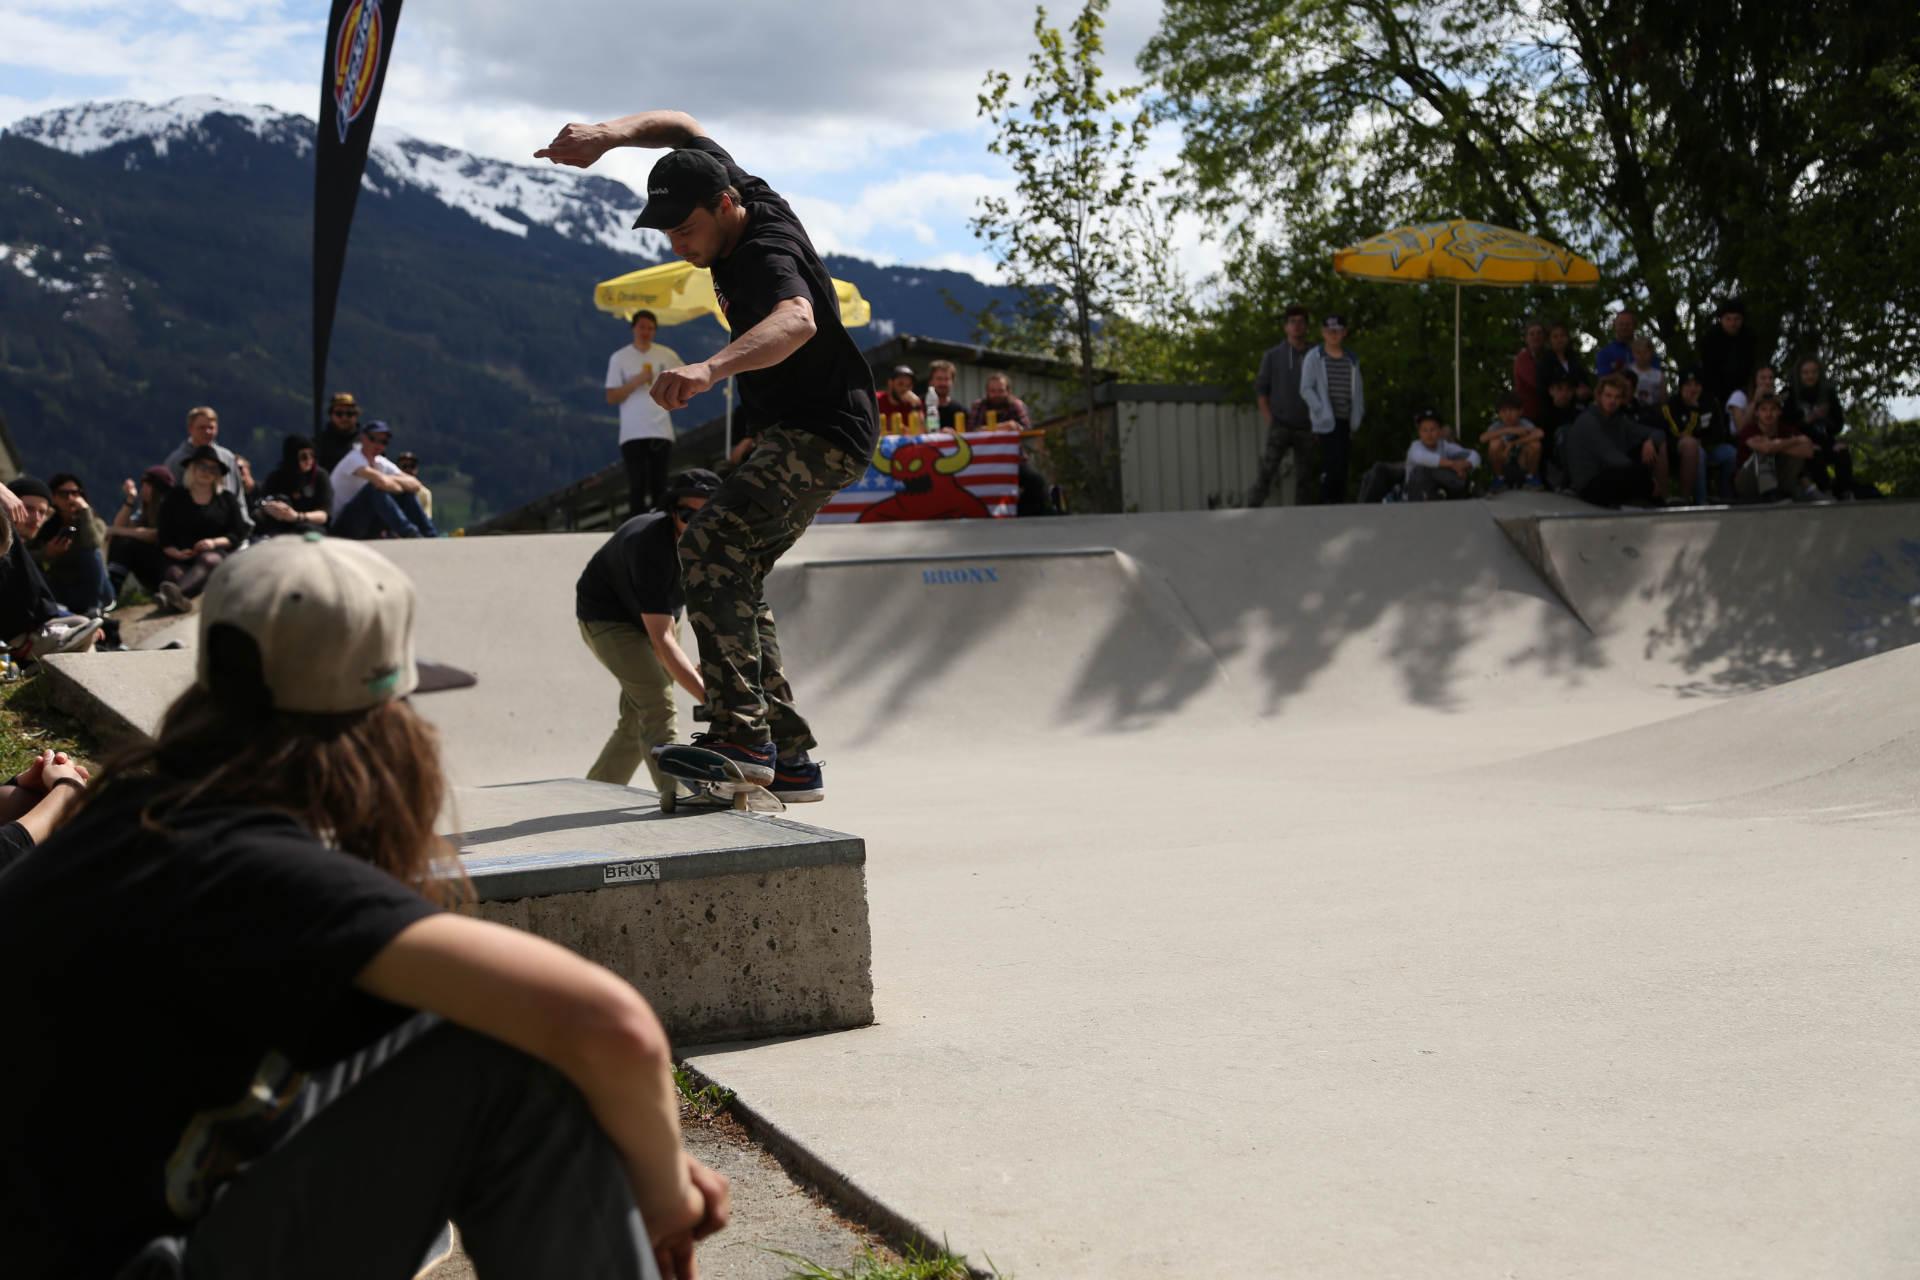 skateboard headz fieberbrunn kgt kitz gau trophy 2019 saalfelden hell00071